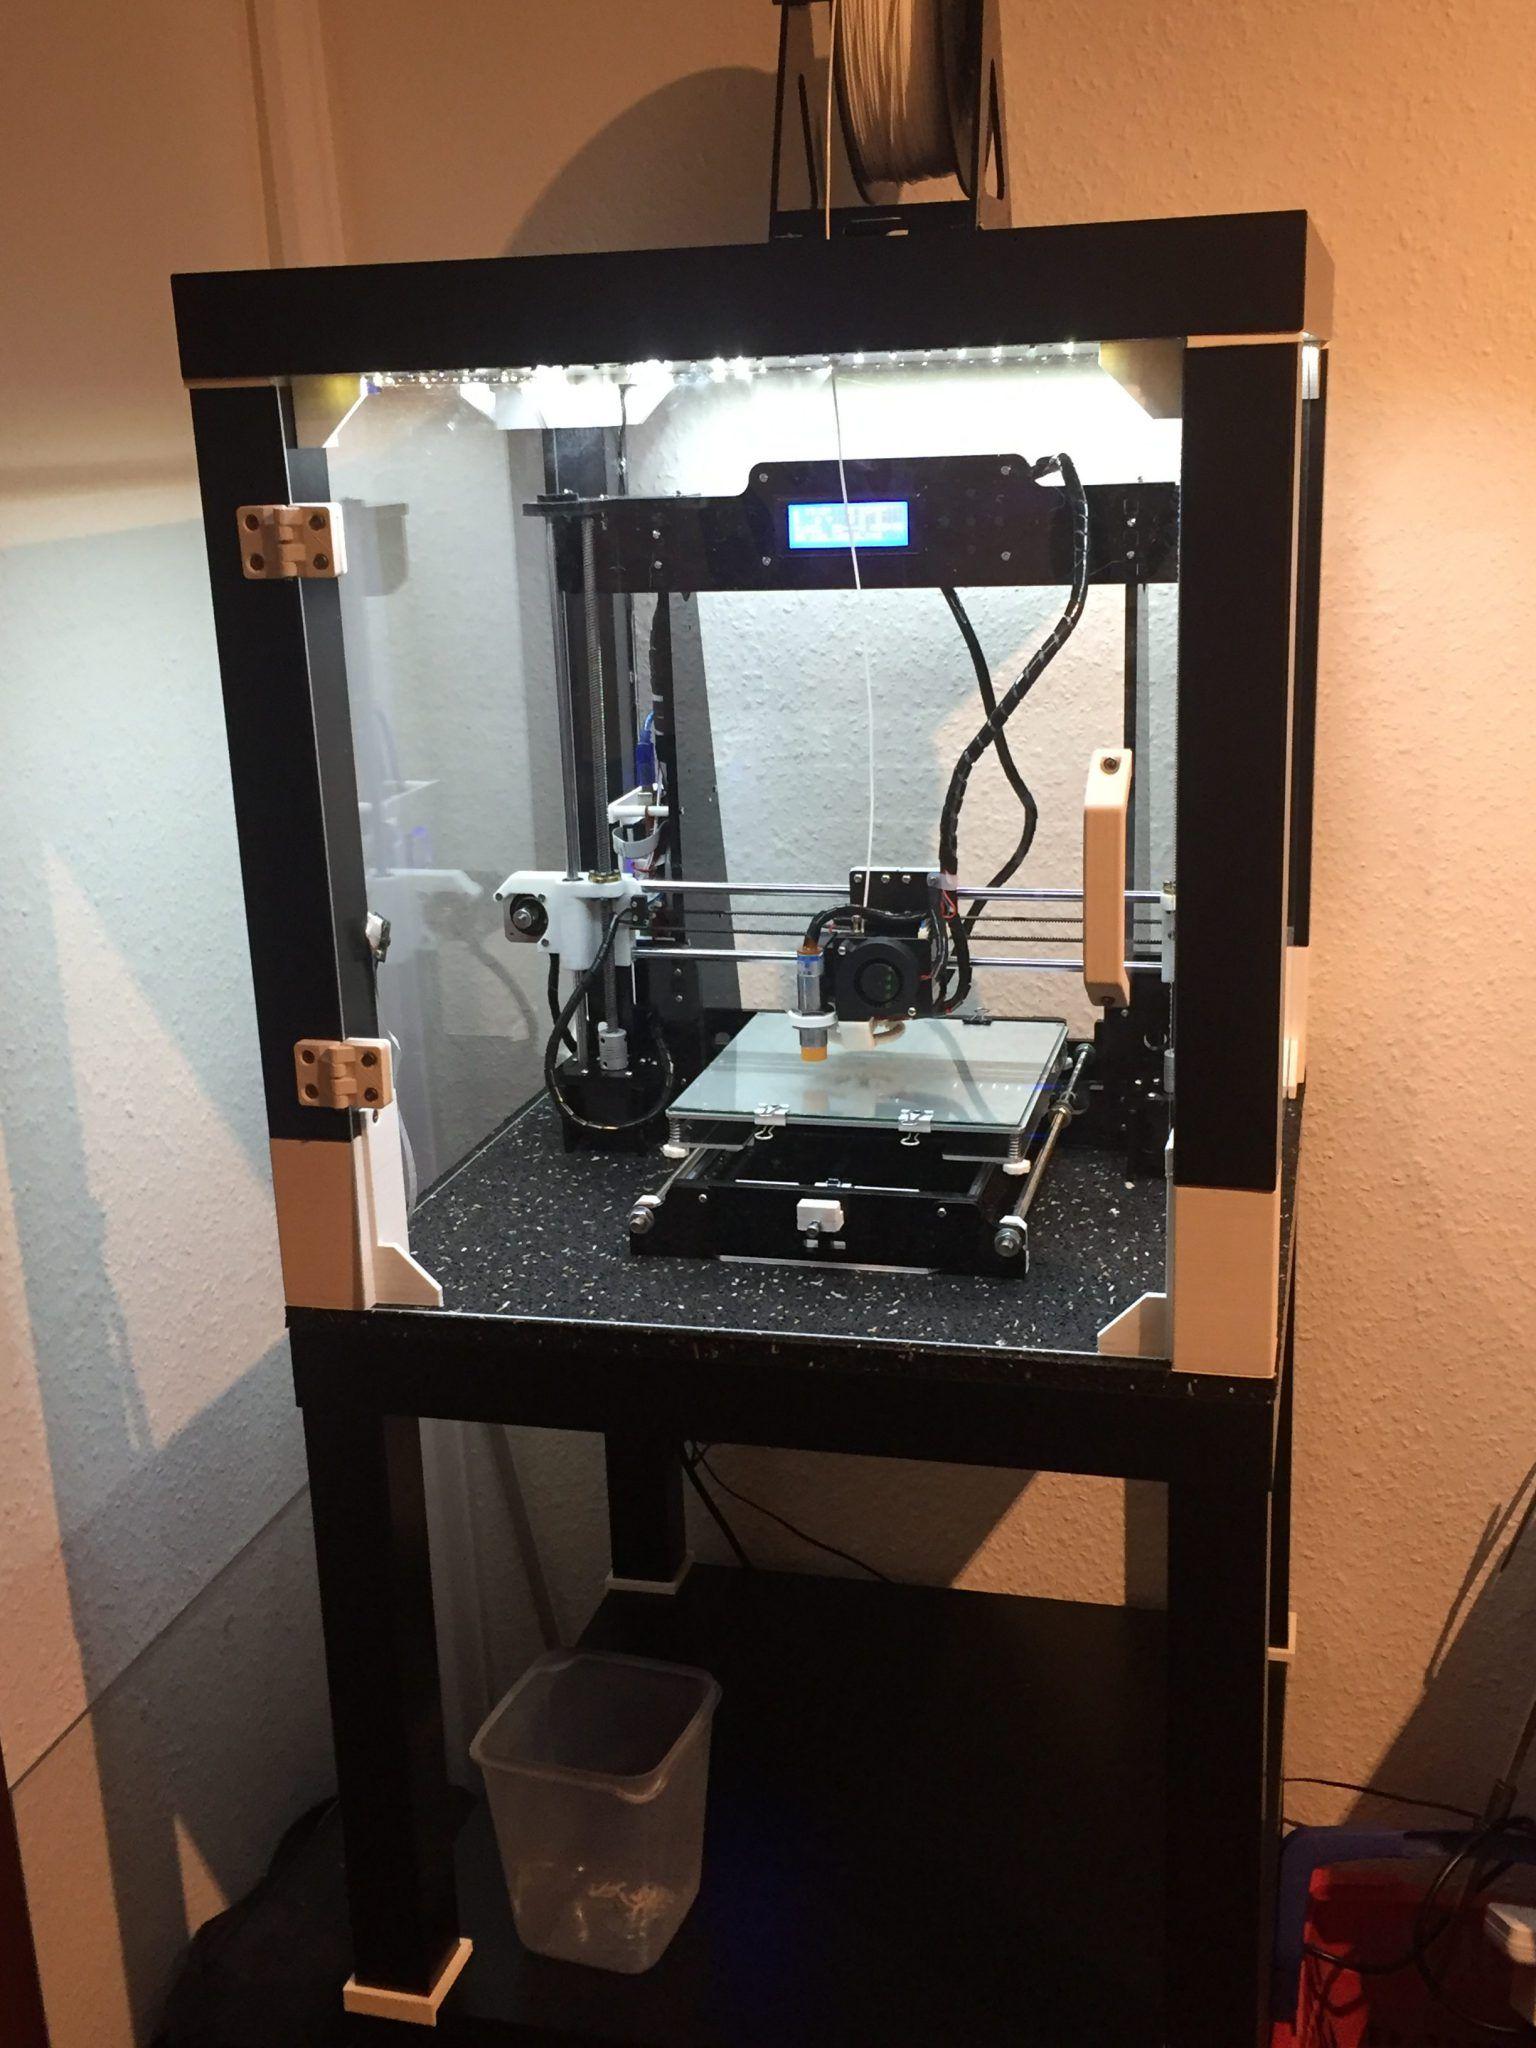 Auf Eine Veranstaltung Des Hackerspace Bremen E V Hatte Ich Unteranderem Auch Ein Interessantes Gesprach Mi 3d Drucker 3d Drucker Bausatz 3d Drucker Projekte